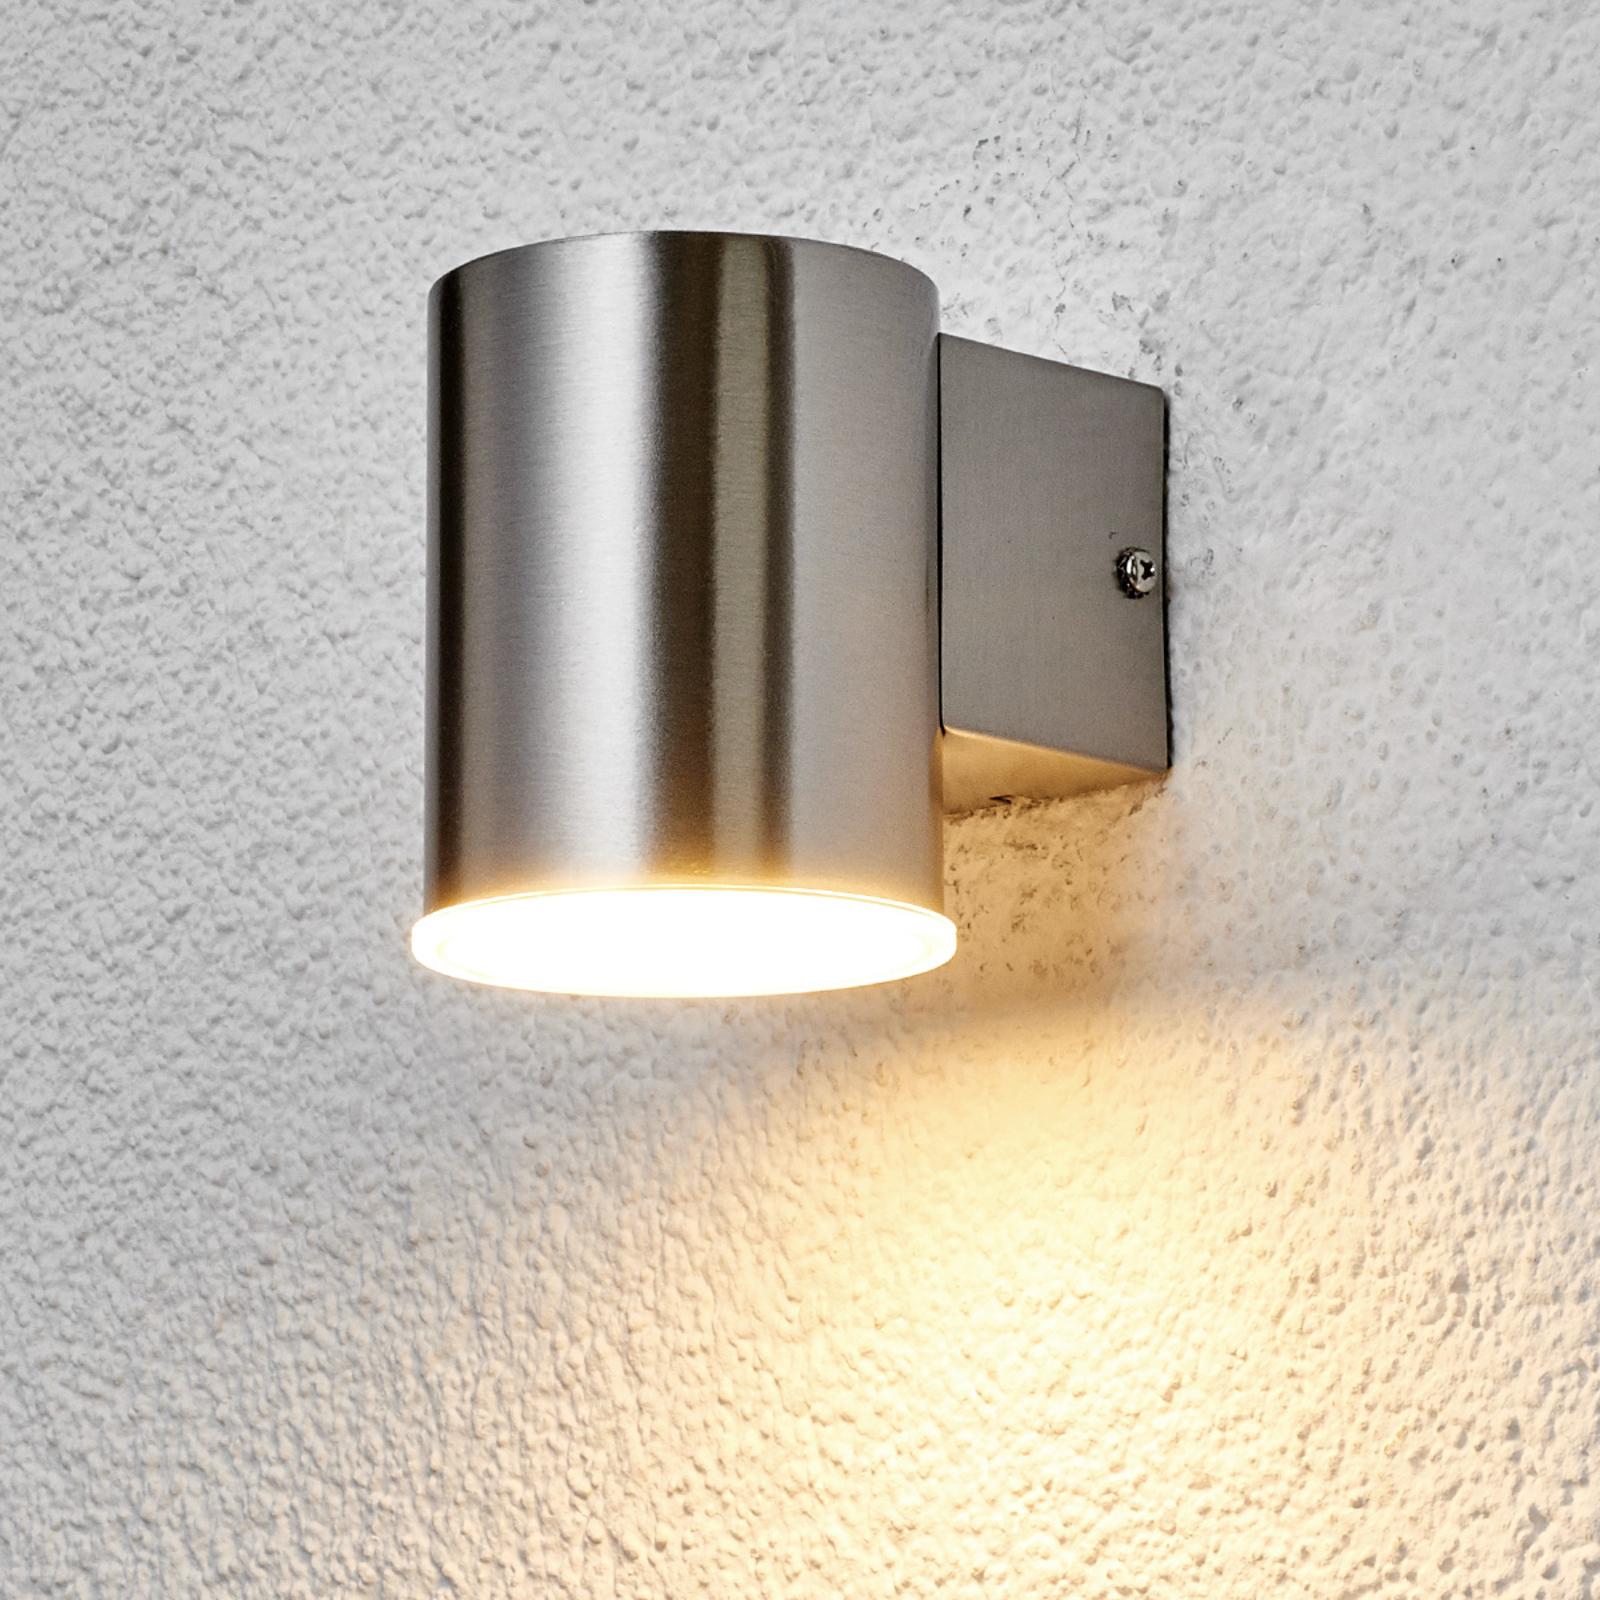 Rund LED-utomhusvägglampa Morena av rostfritt stål